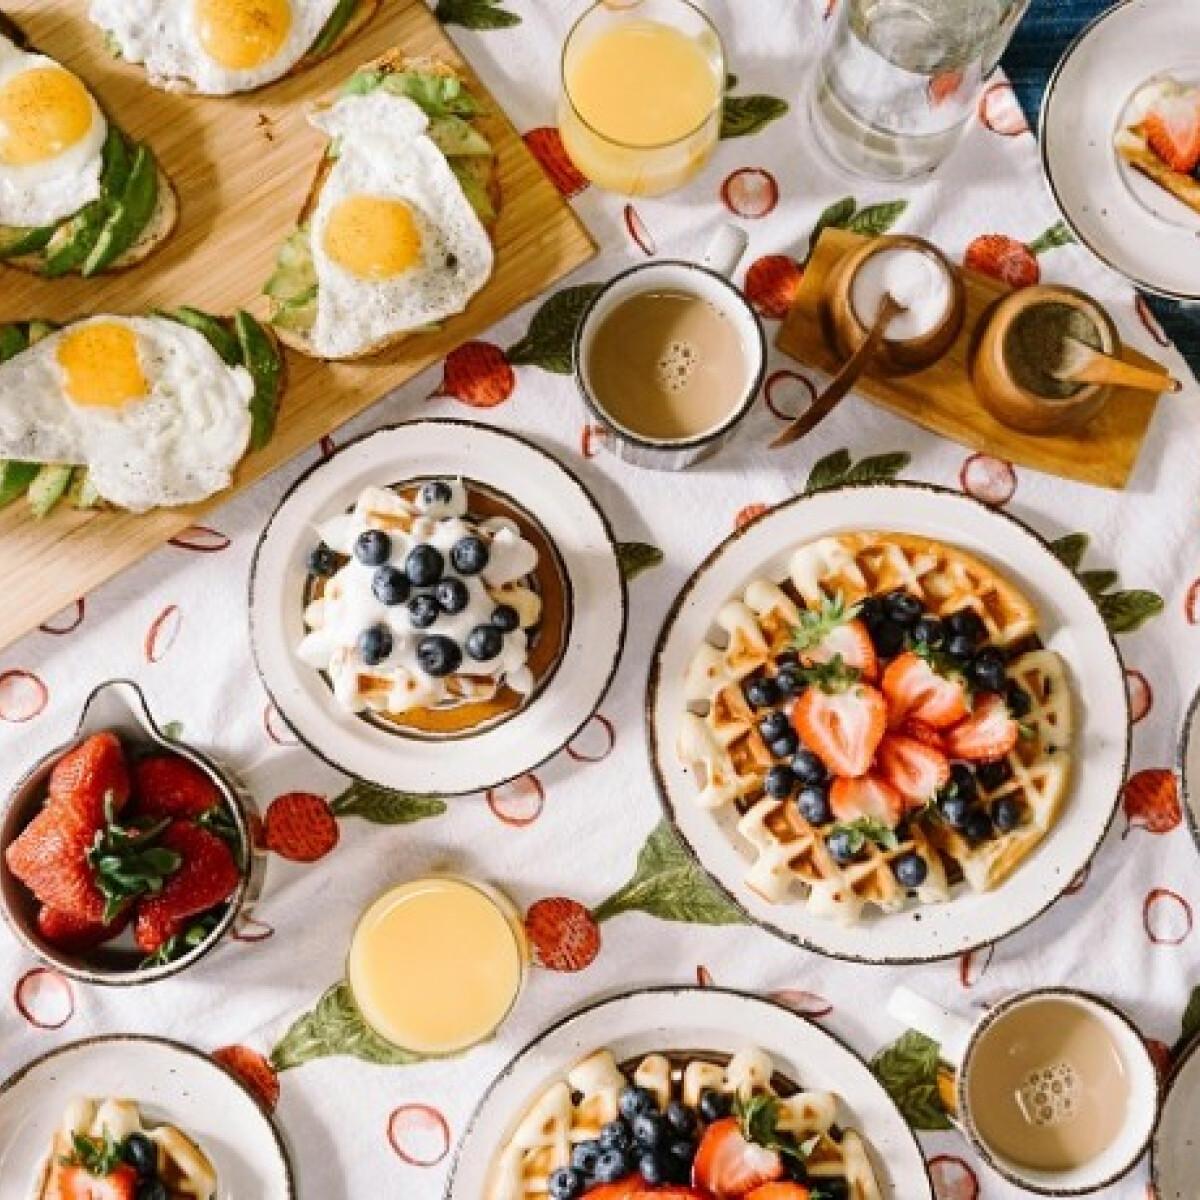 3+1 hiba, amit a reggelinél elkövetsz - ezekre figyelj, ha jól szeretnéd indítani a napod